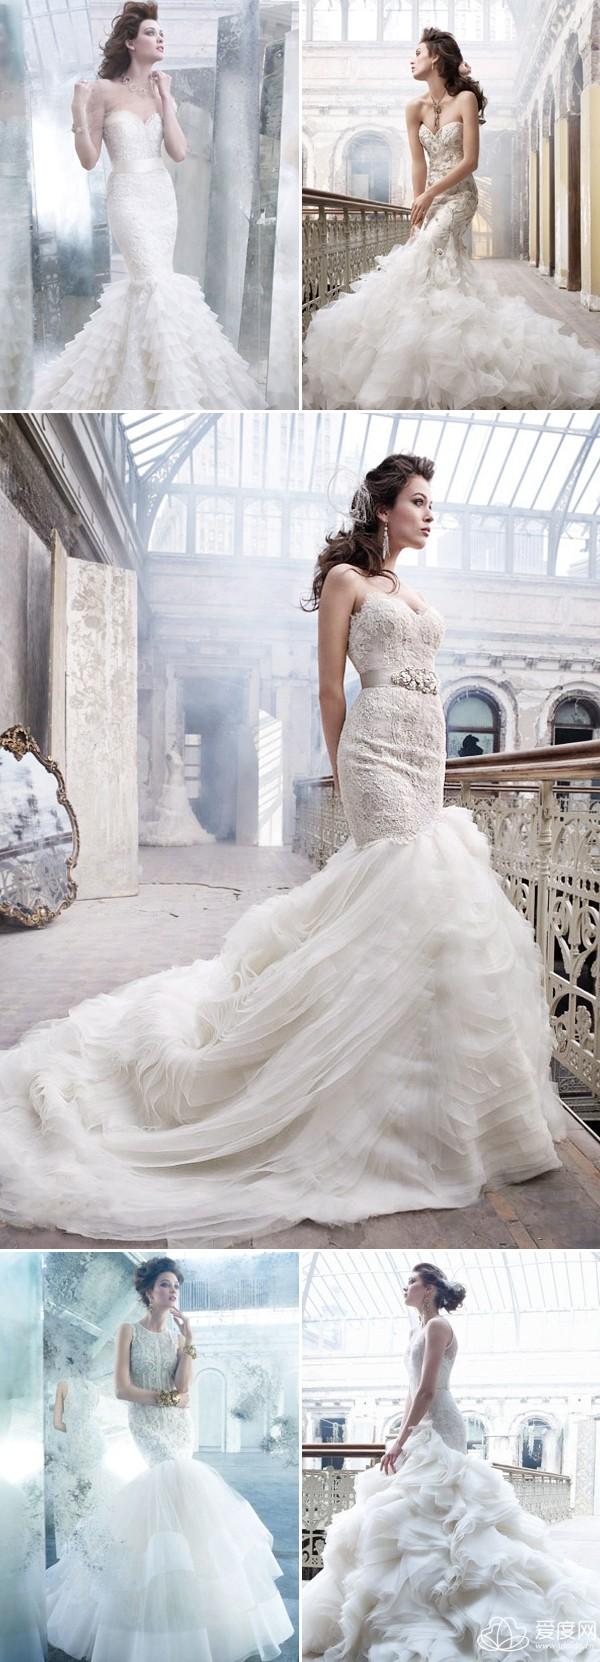 让以下出自于各国际才华设计师之手的鱼尾婚纱,带给你最时尚性感的图片